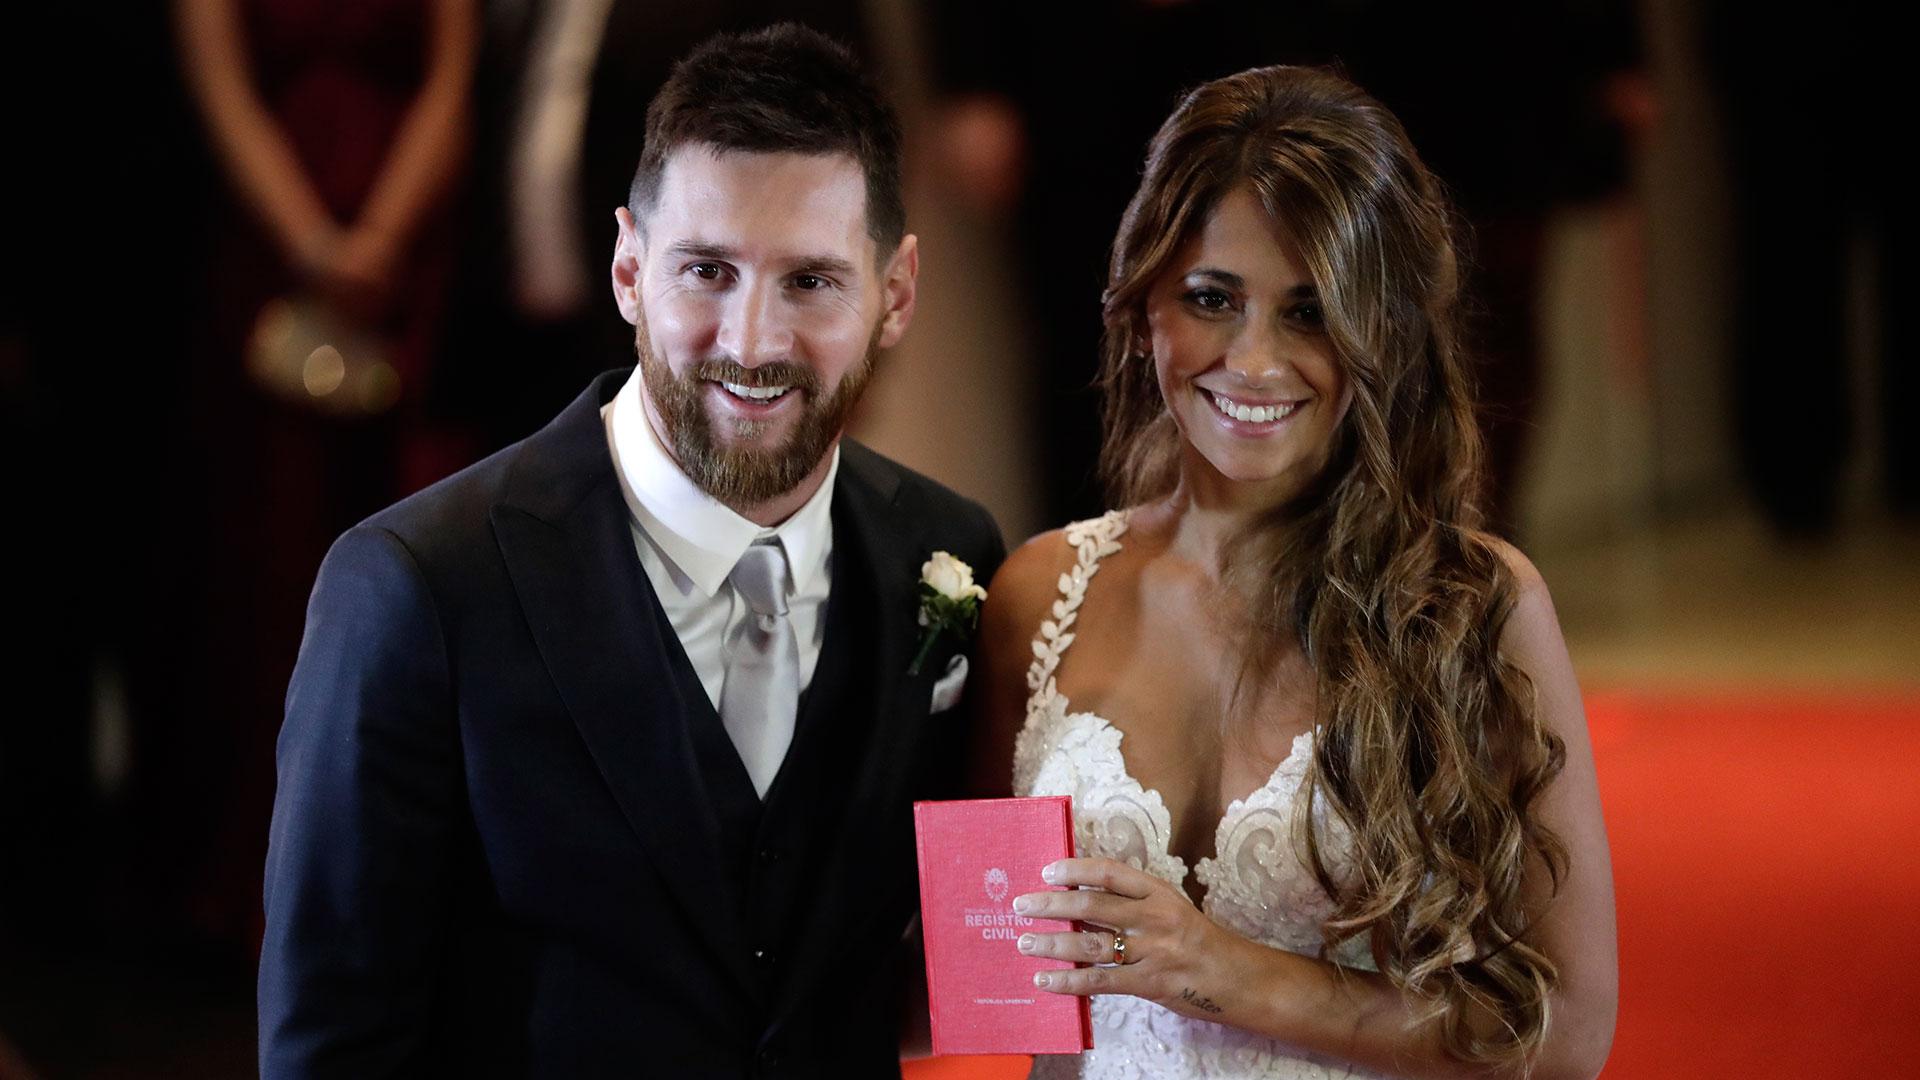 Messi eligió vestirse con un smoking azul de Armani mientras que Roccuzzo lució un vestido blancodiseñado especialmente por la catalana Rosa Clará